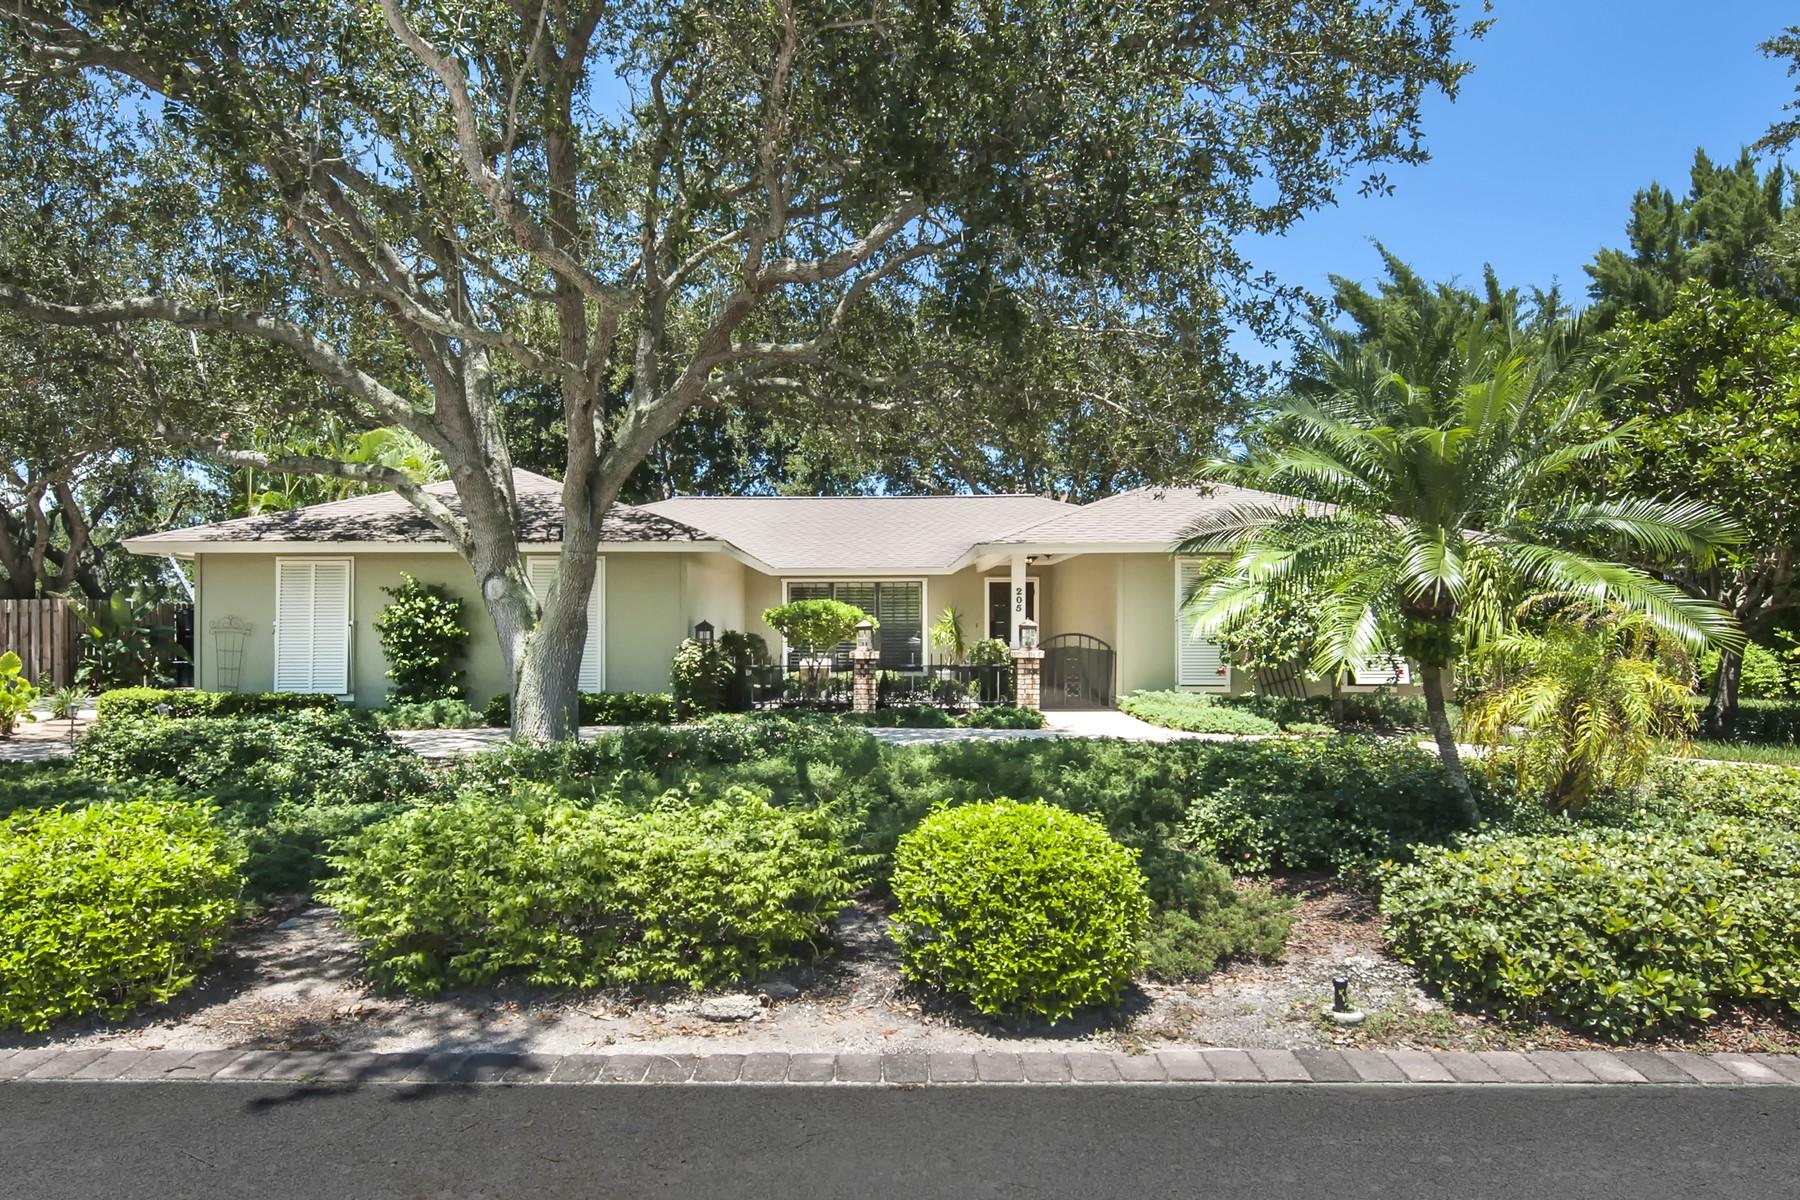 Casa Unifamiliar por un Venta en Inviting riverfront home with dock 205 Greytwig Road Vero Beach, Florida 32963 Estados Unidos